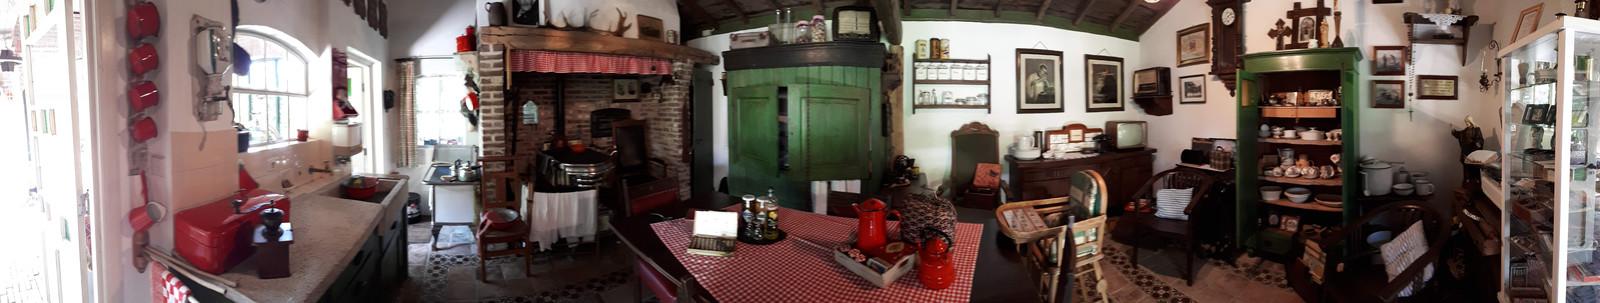 Overzicht van boerenmuseum D'n Aachterum.